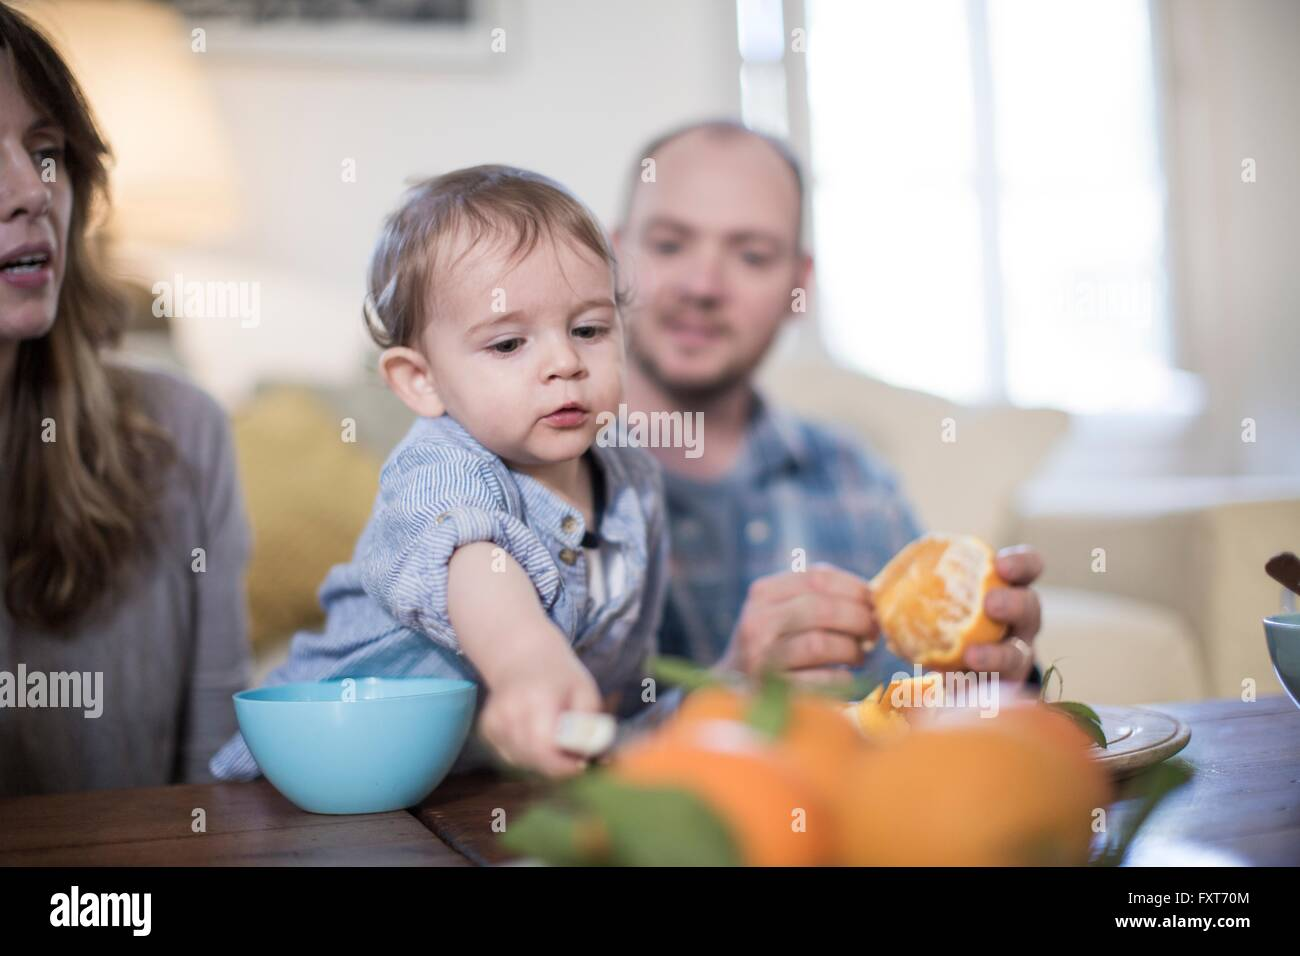 Los padres almorzando con Baby Boy, peladura de naranja Imagen De Stock